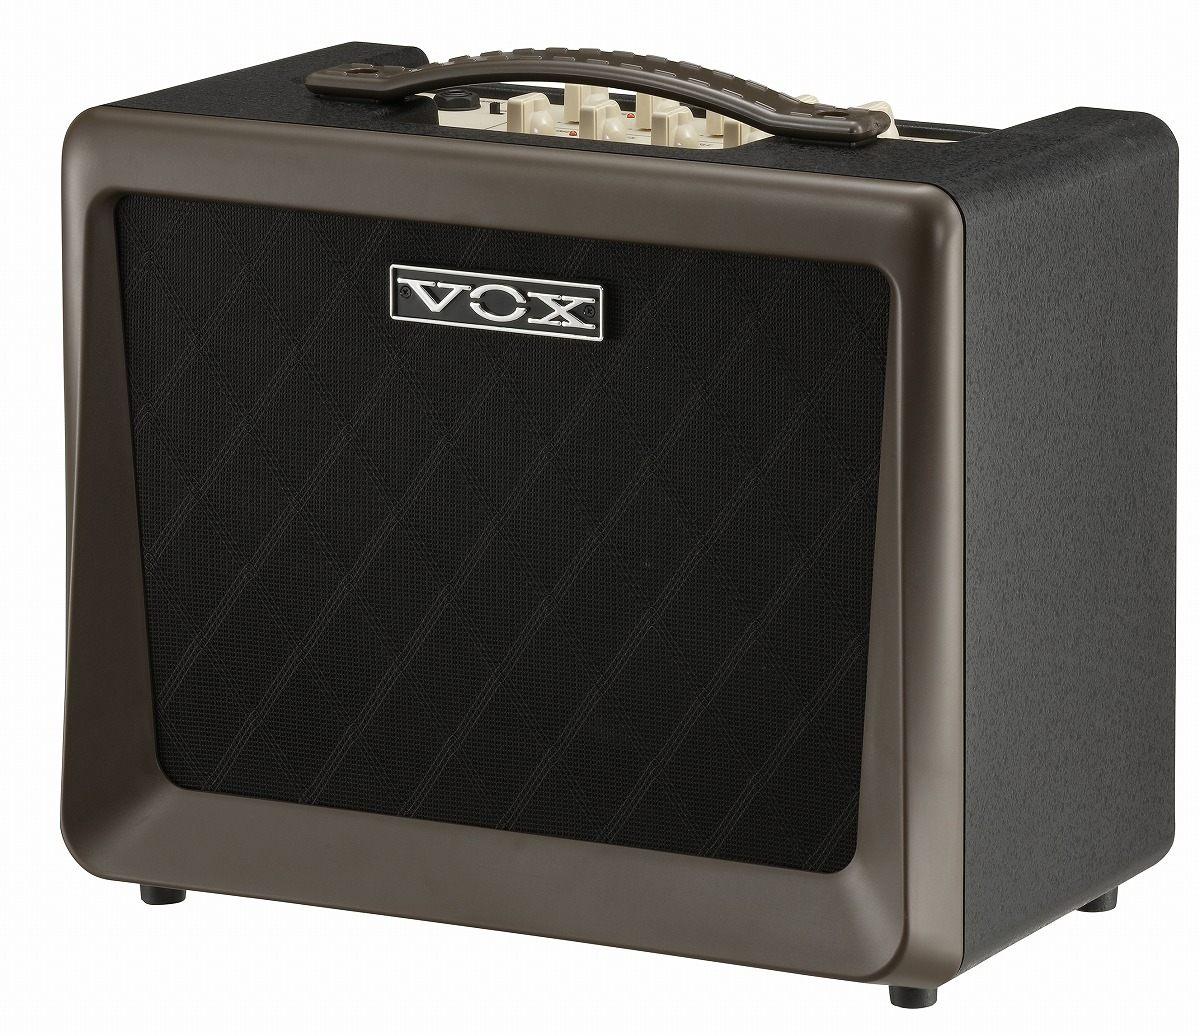 VOX / VX50 AG ボックス アコースティックギターアンプ【渋谷店】